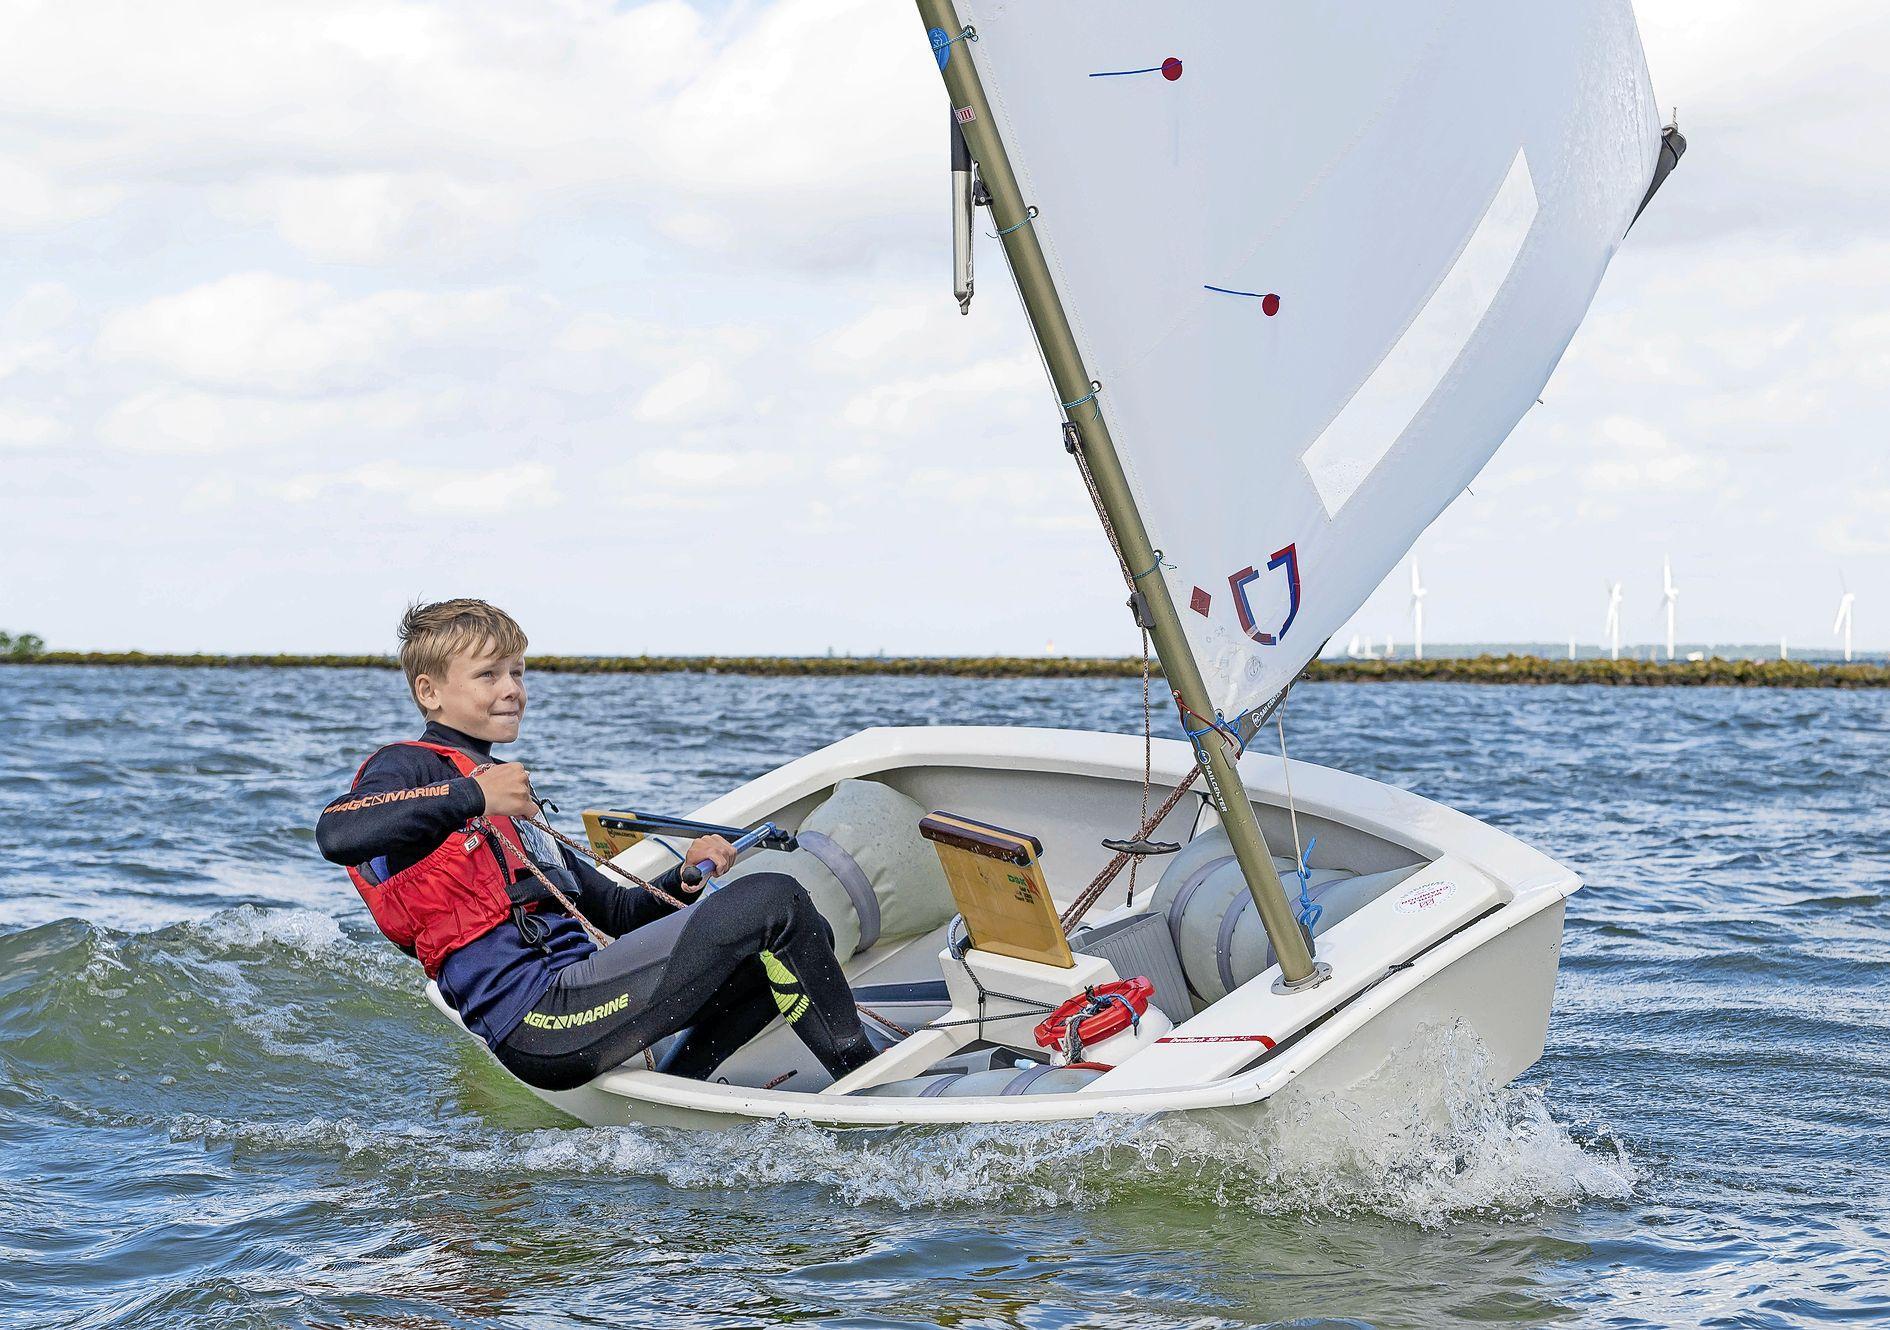 De 13-jarige Niels Brandt zeilt over een kleine twee weken op het jeugd-WK in Italië: 'Ik kan lang door, ook bij sterke wind'